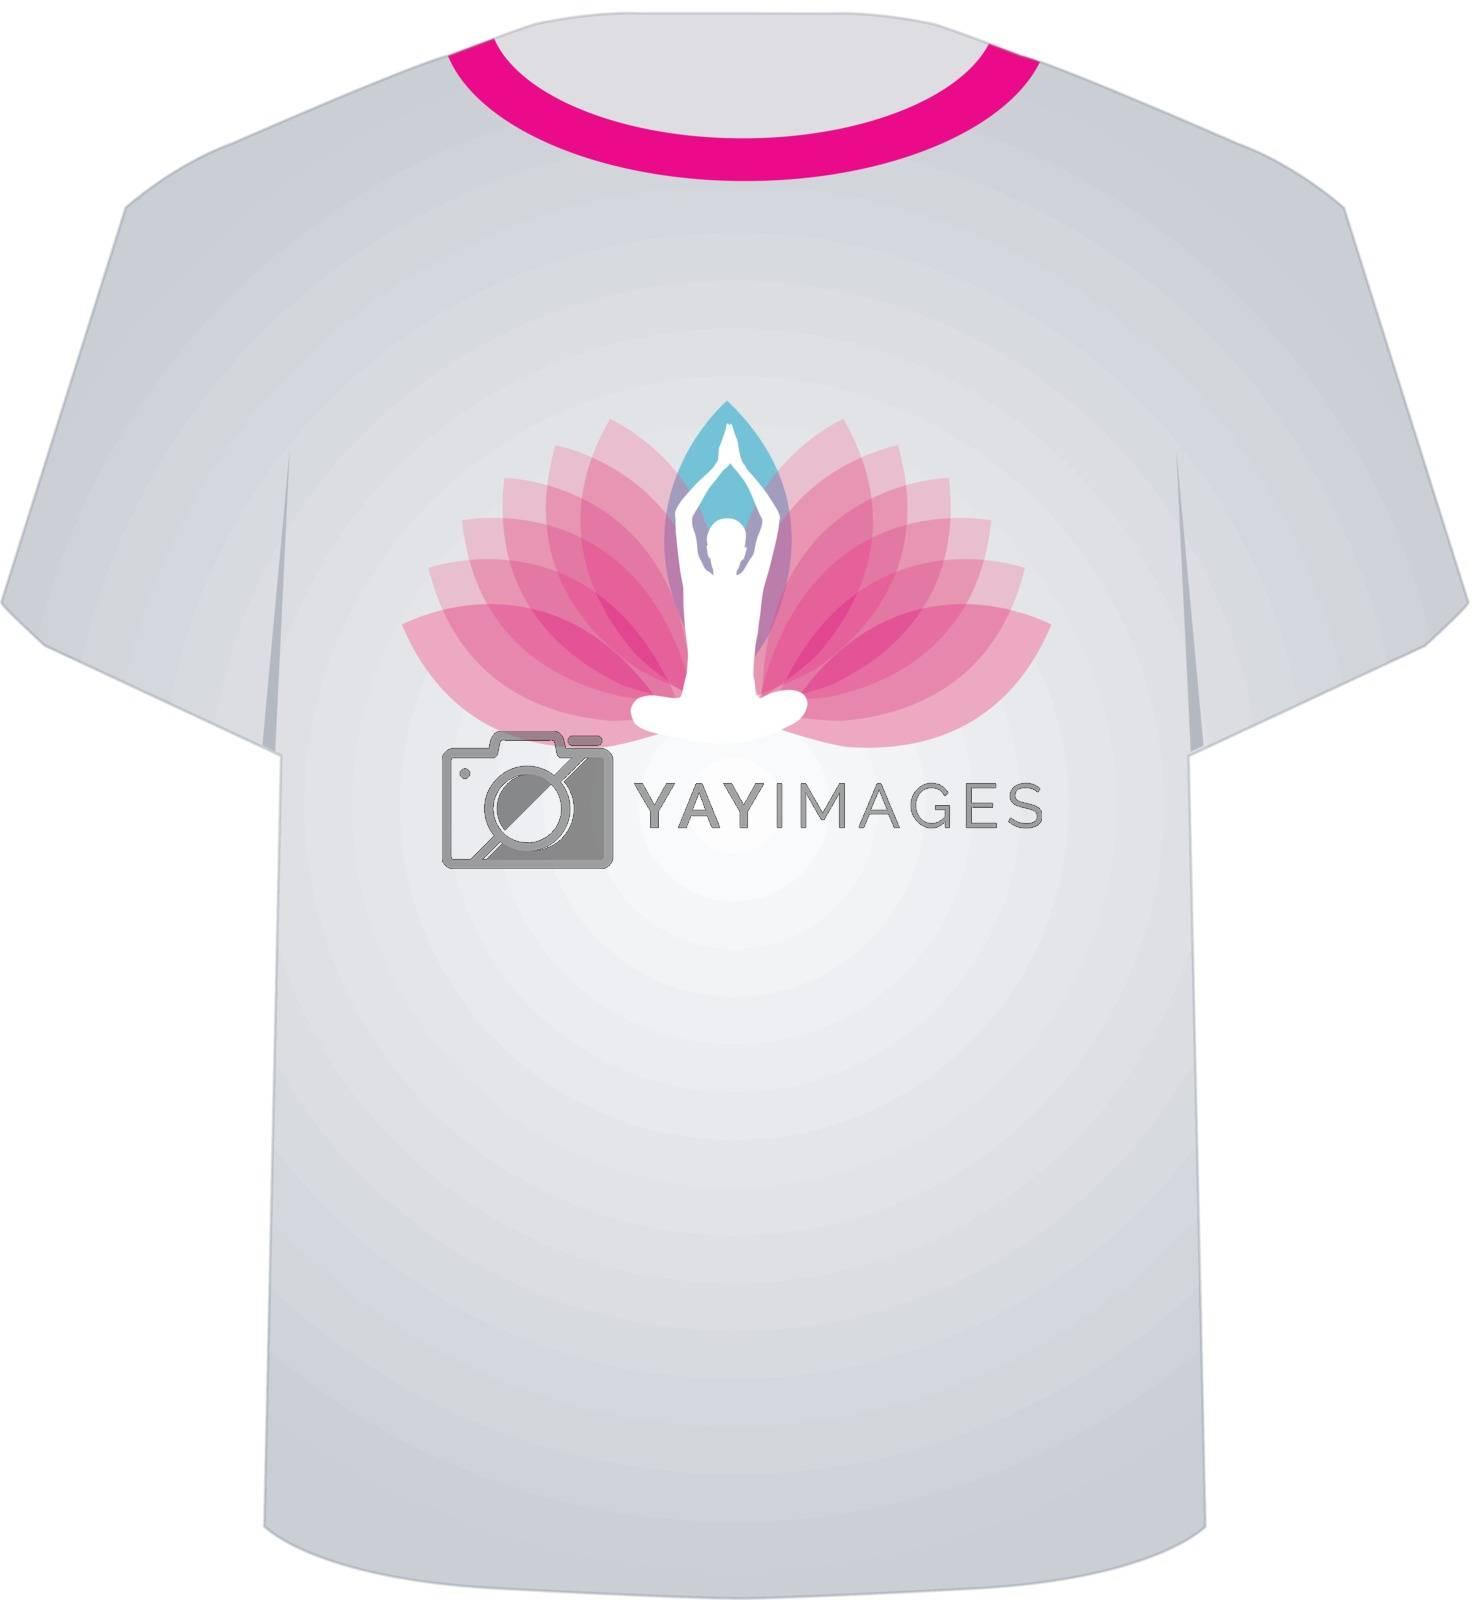 Yoga lover's Tshirt graphic